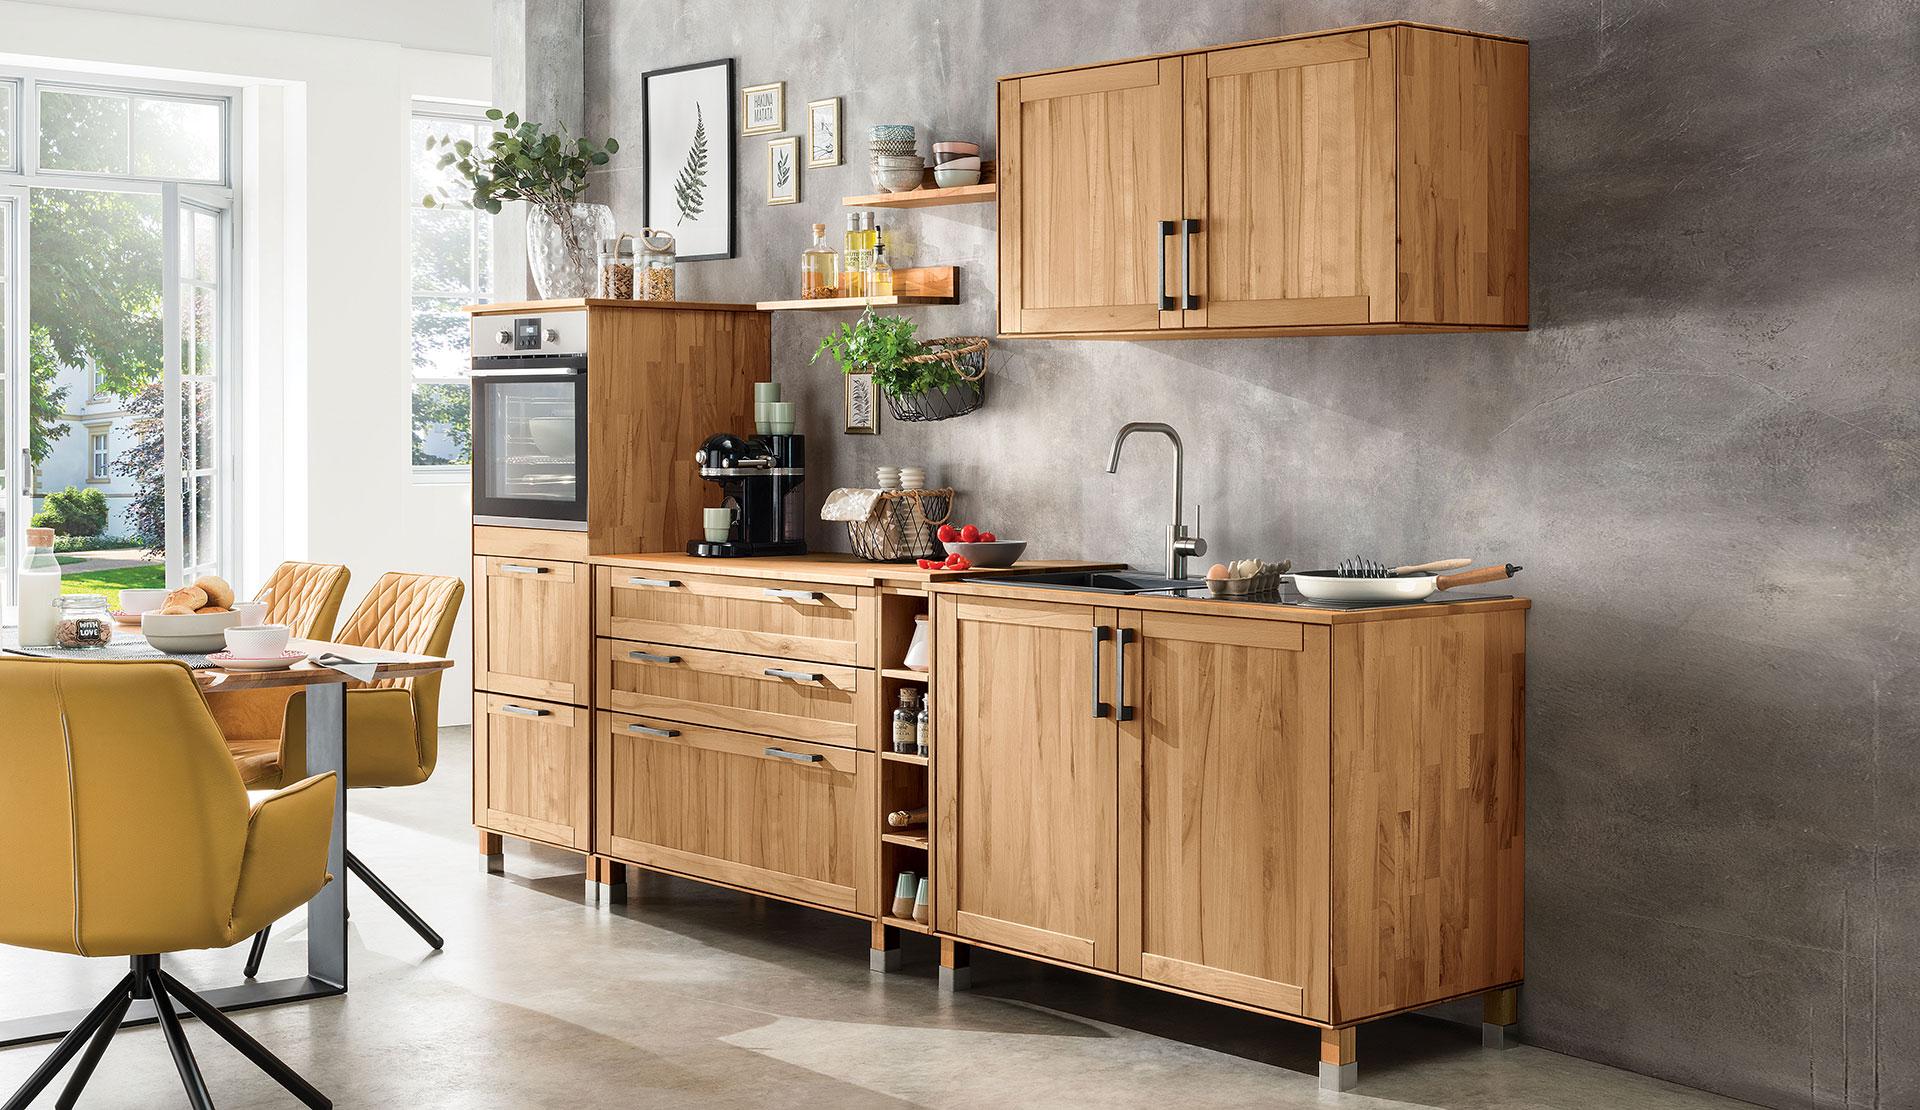 Full Size of Modulküche Gebraucht Kaufen Habitat Modulküche Modulküche Casa Interstil Ikea Modulküche Küche Modulküche